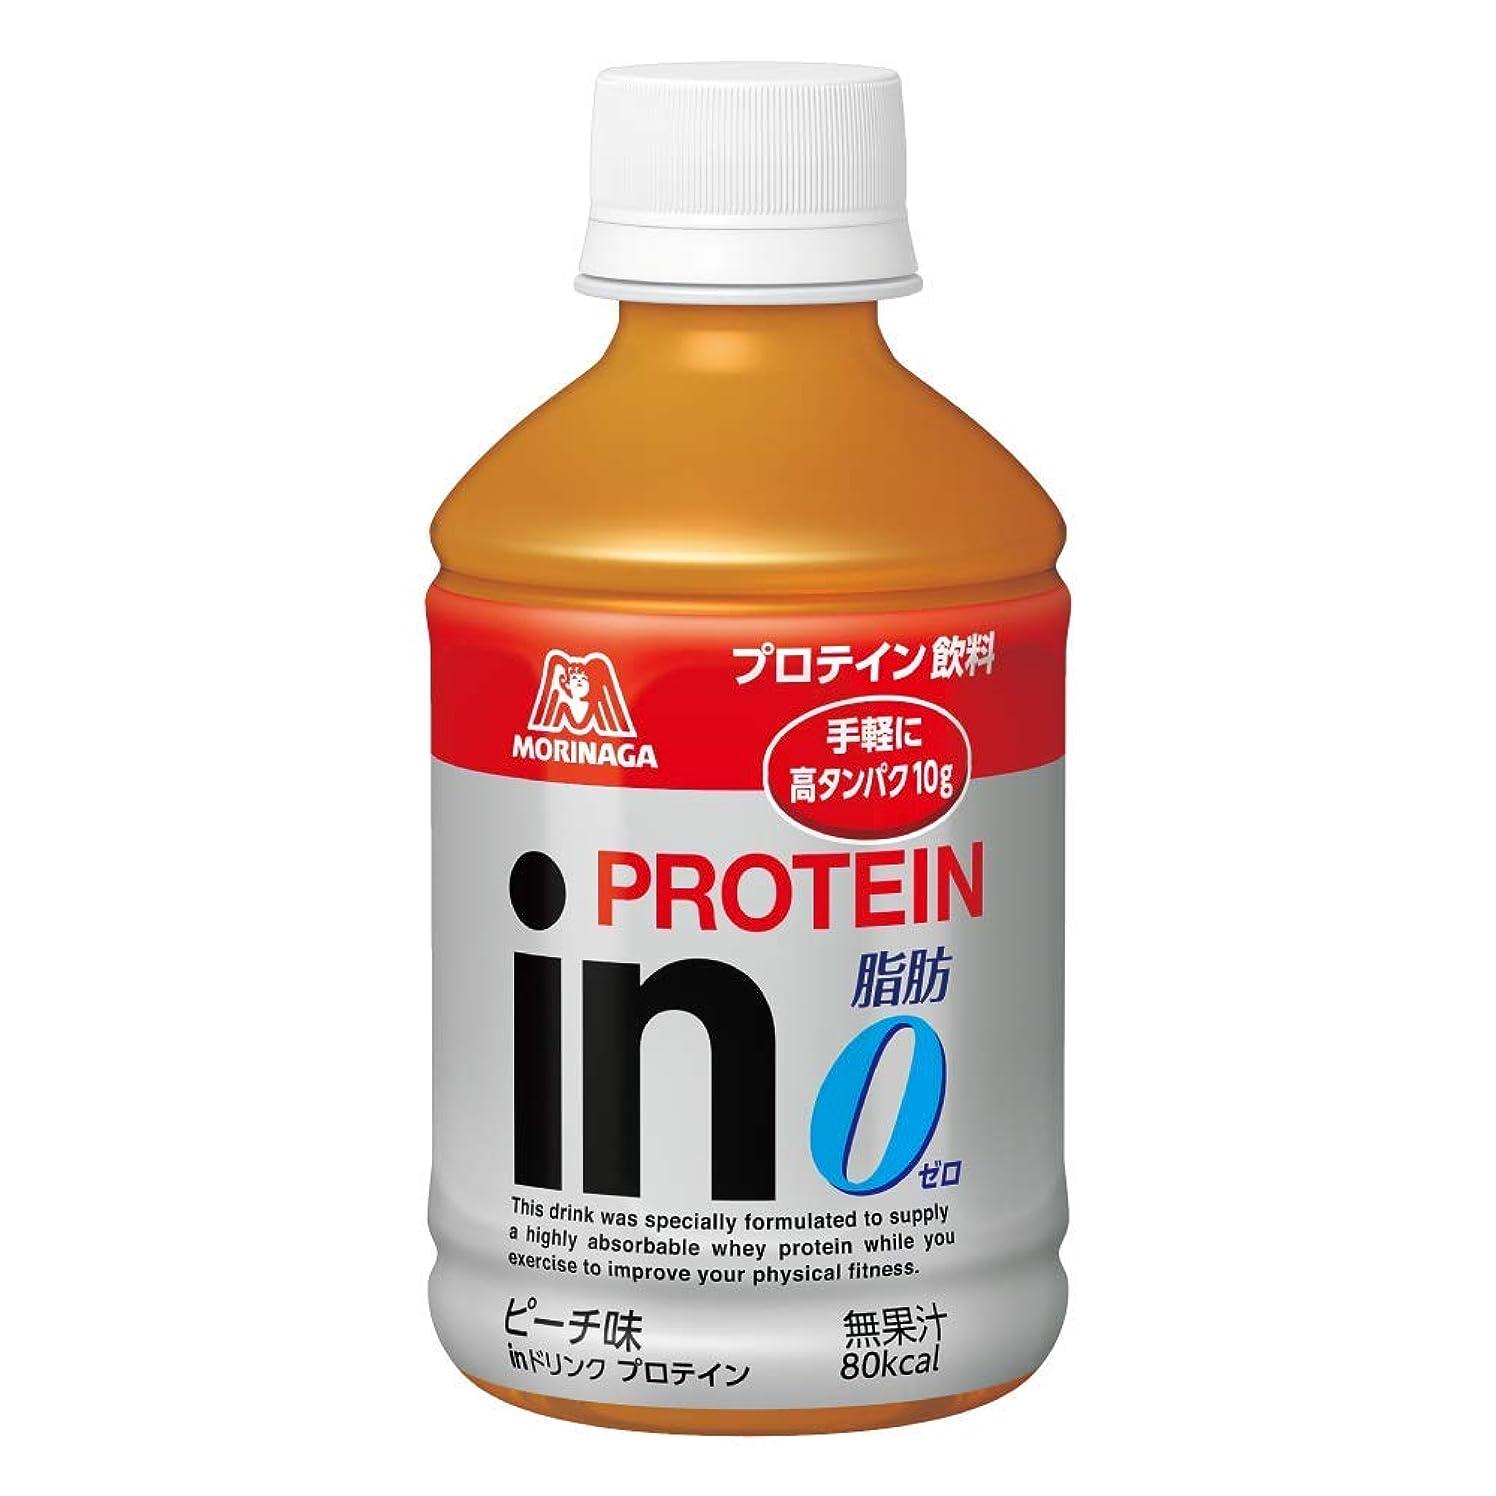 本能放映補正inドリンク プロテイン ピーチ味 (24本入×1箱) 1本280ml 高タンパク10g 脂肪ゼロ クエン酸配合 80kcal 常温保存可